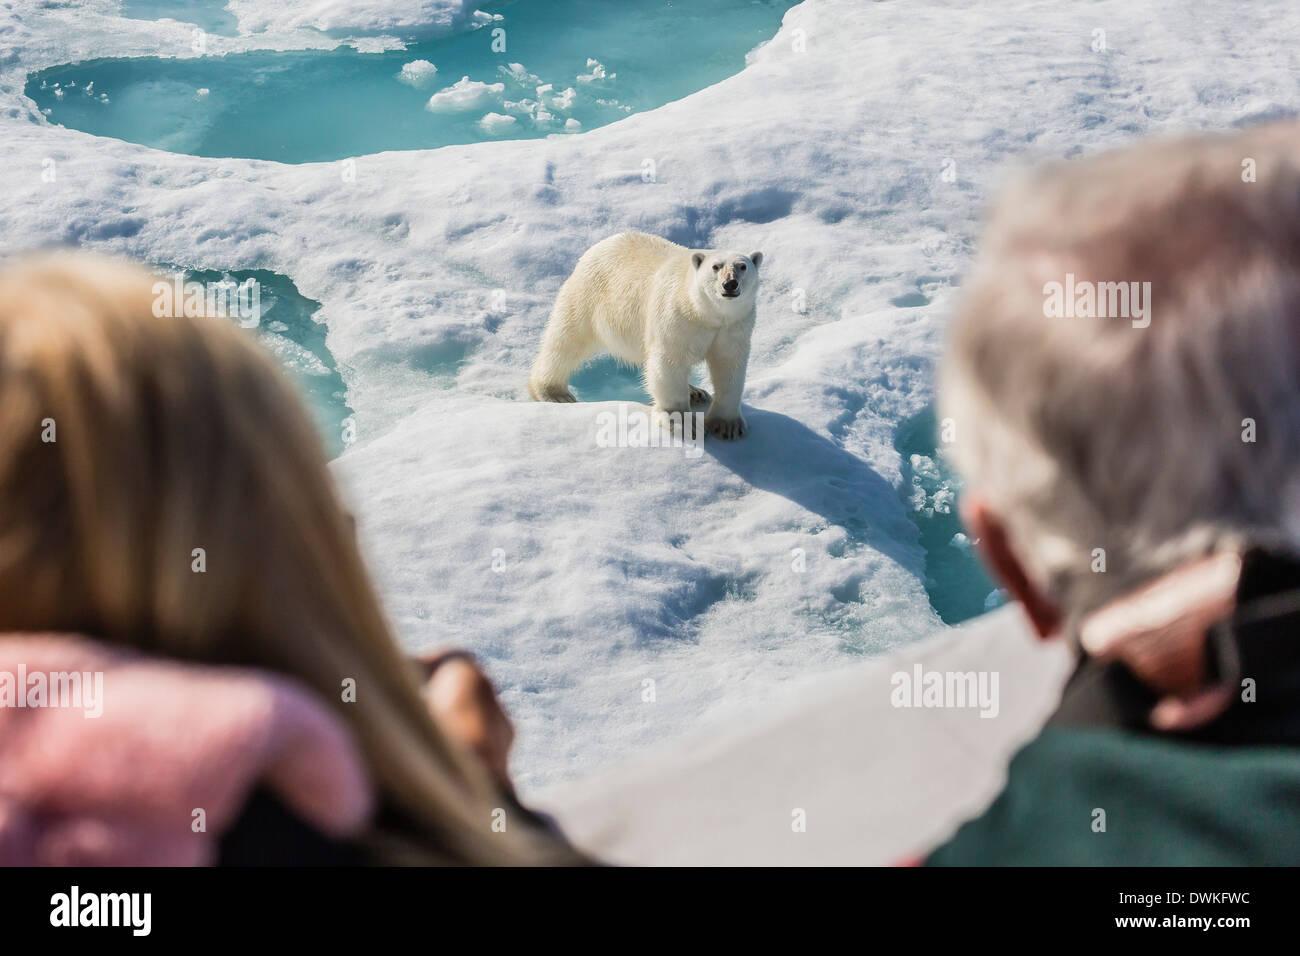 Los huéspedes del Lindblad barco con el oso polar (Ursus maritimus), Cumberland, Península de la isla de Baffin, Nunavut, Canadá Imagen De Stock